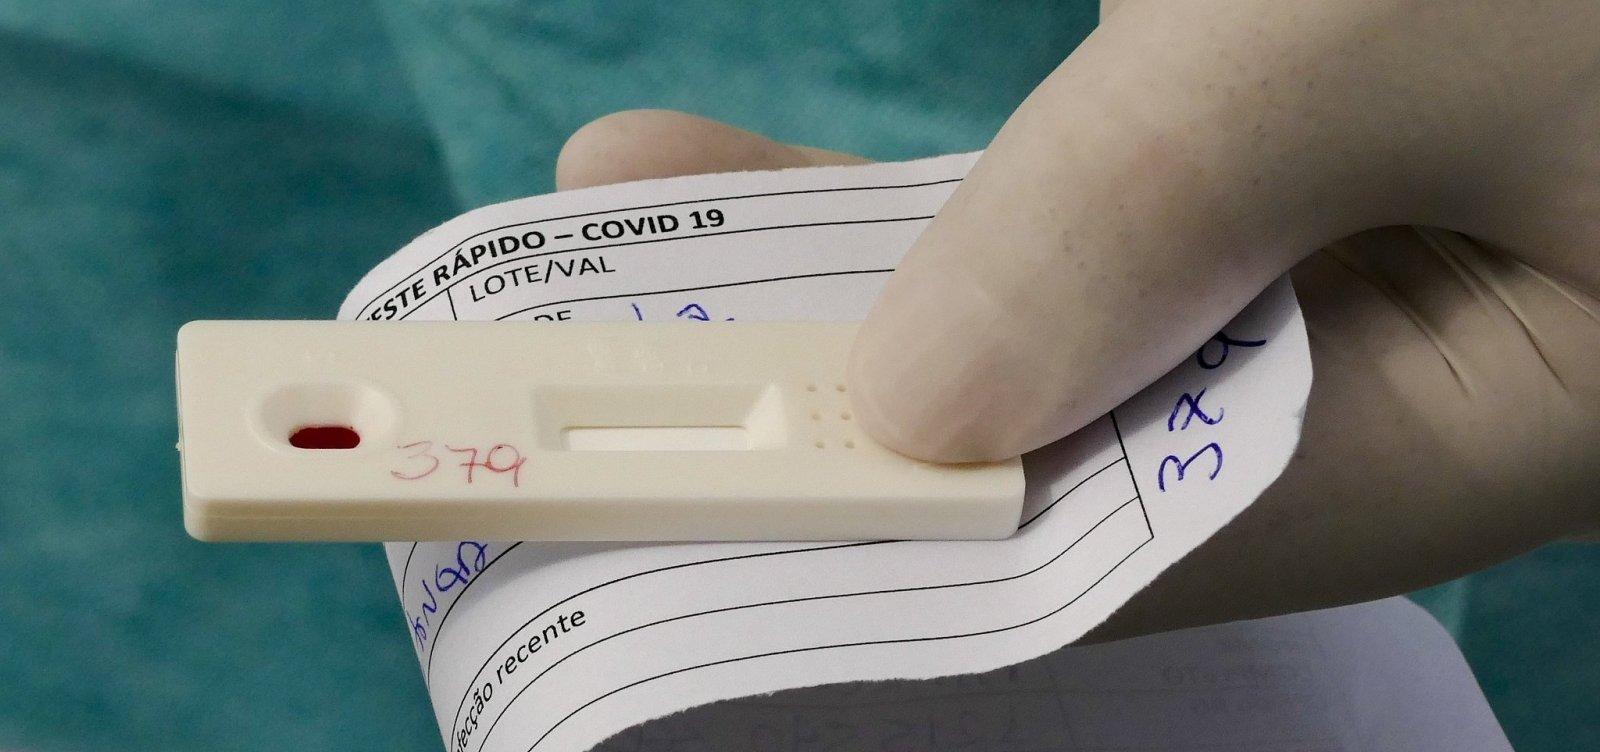 [Coronavírus: Brasil tem 15.305 novos casos e 824 óbitos nas últimas 24 horas]